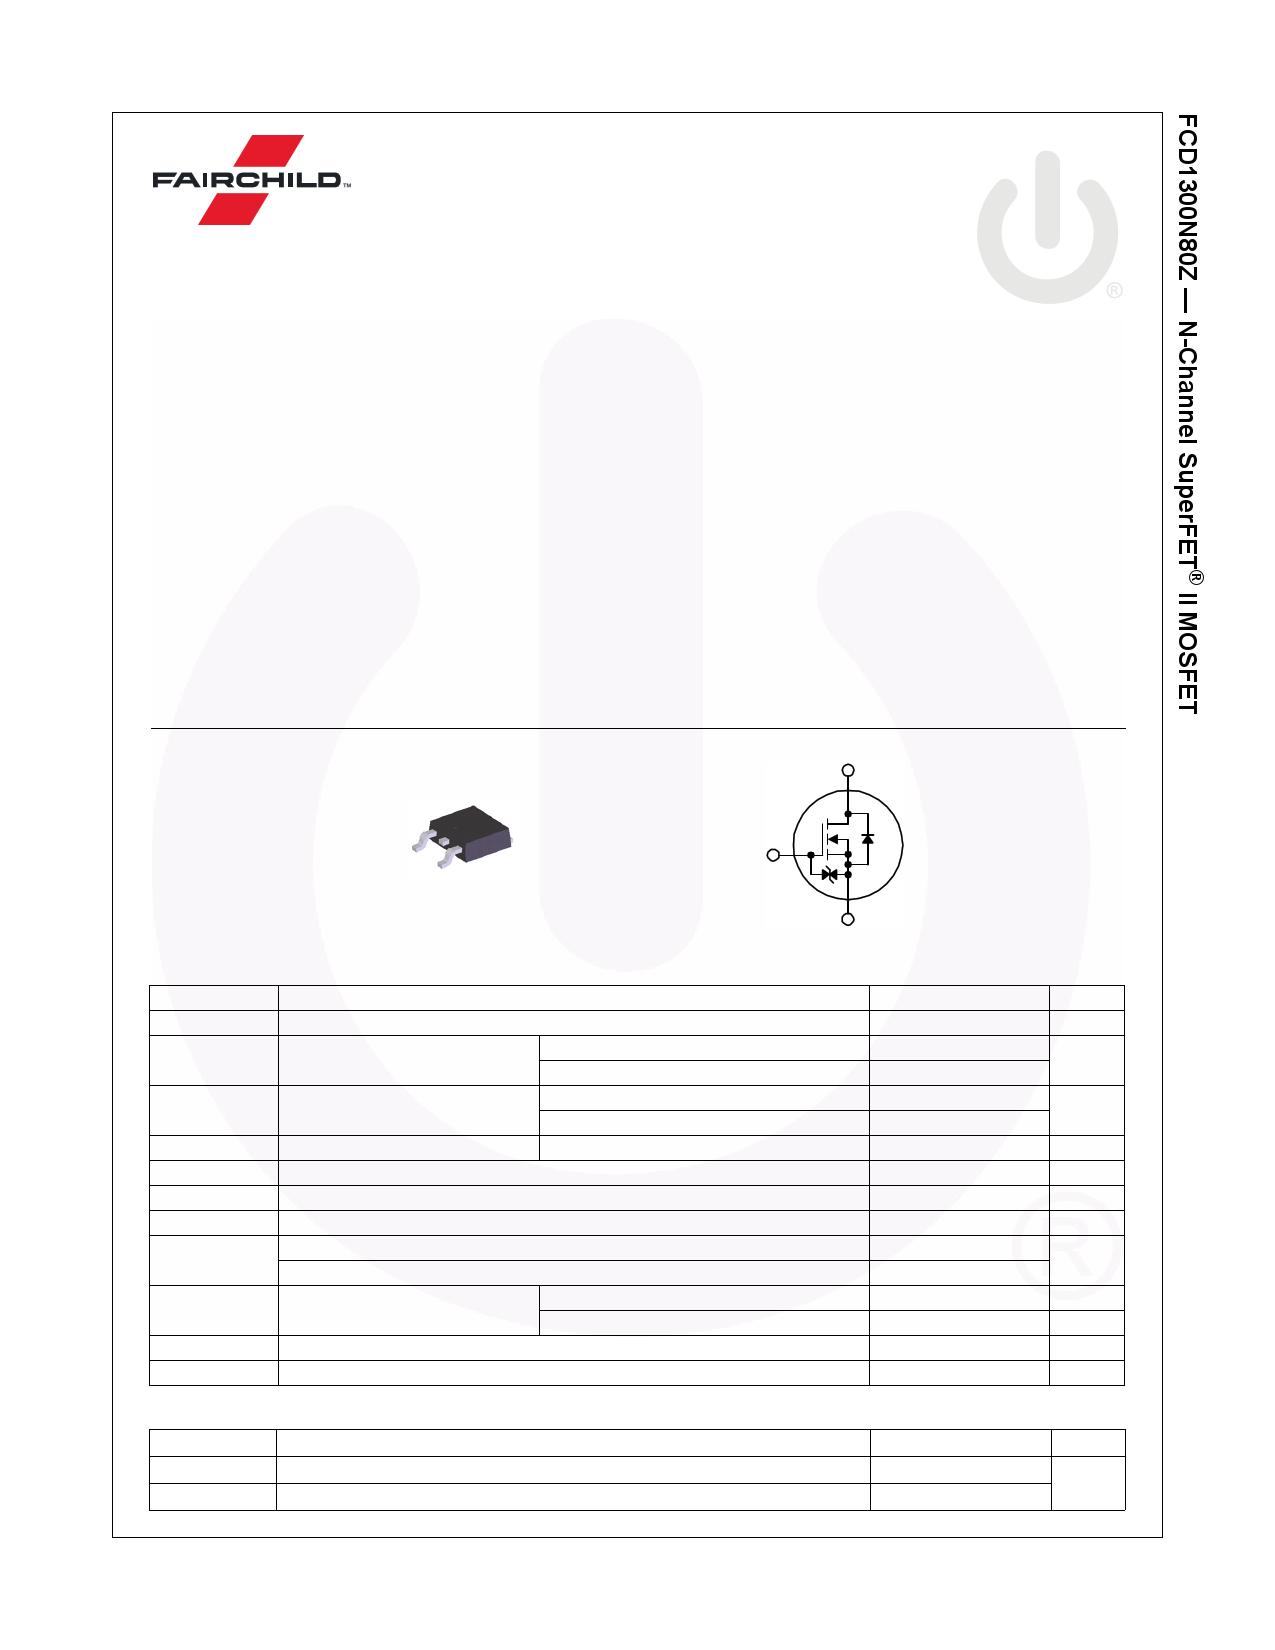 FCD1300N80Z Даташит, Описание, Даташиты